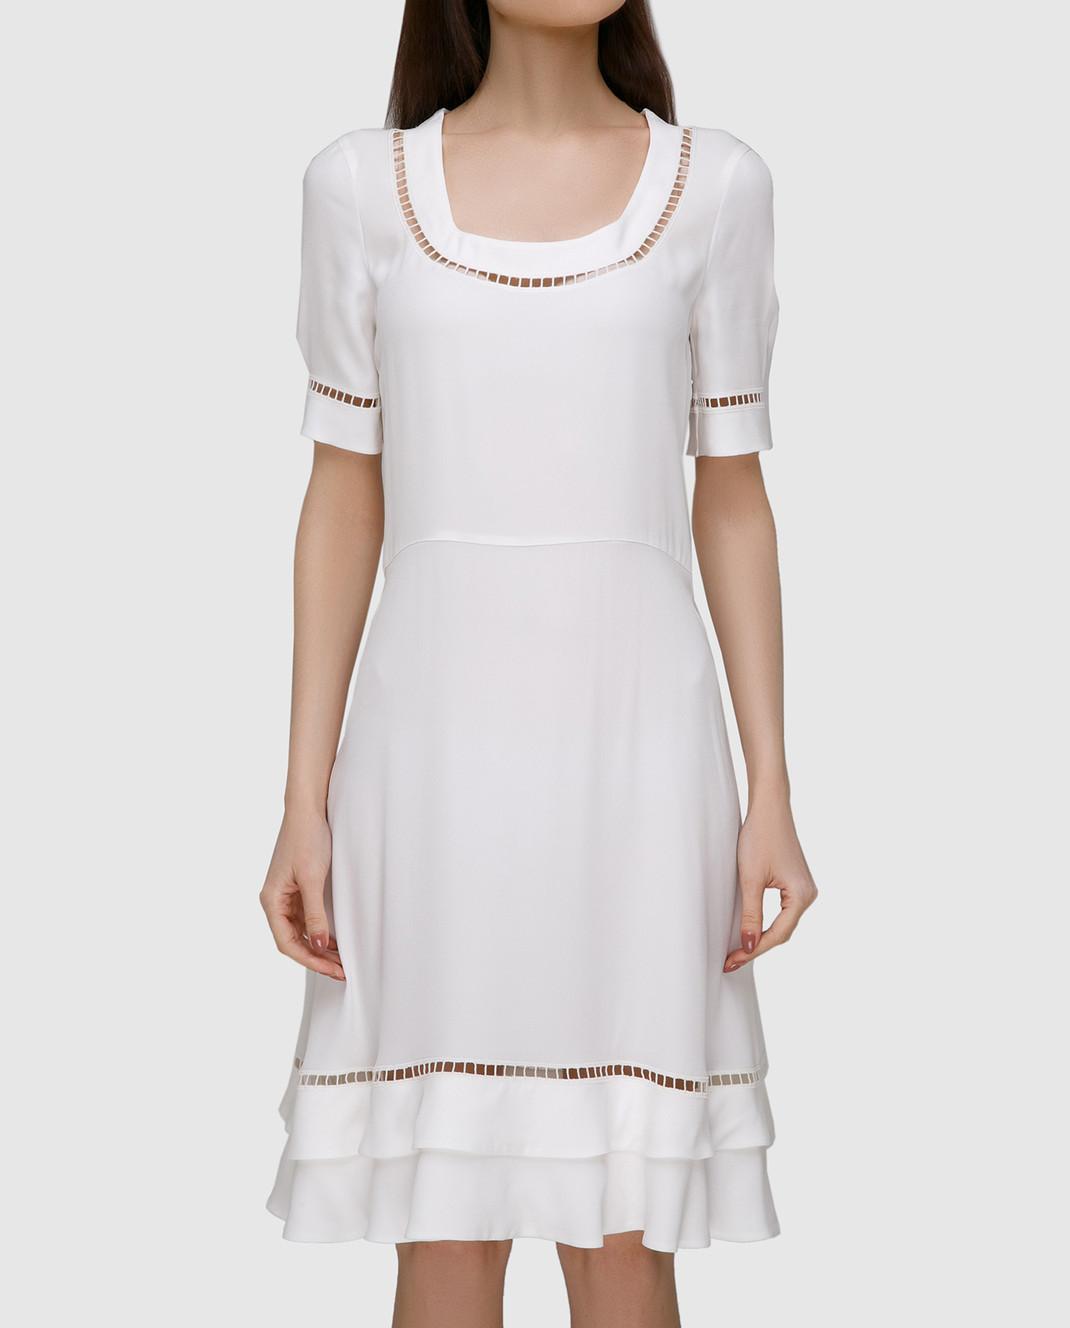 Ermanno Scervino Белое платье с кружевом D302Q320RVJ изображение 3